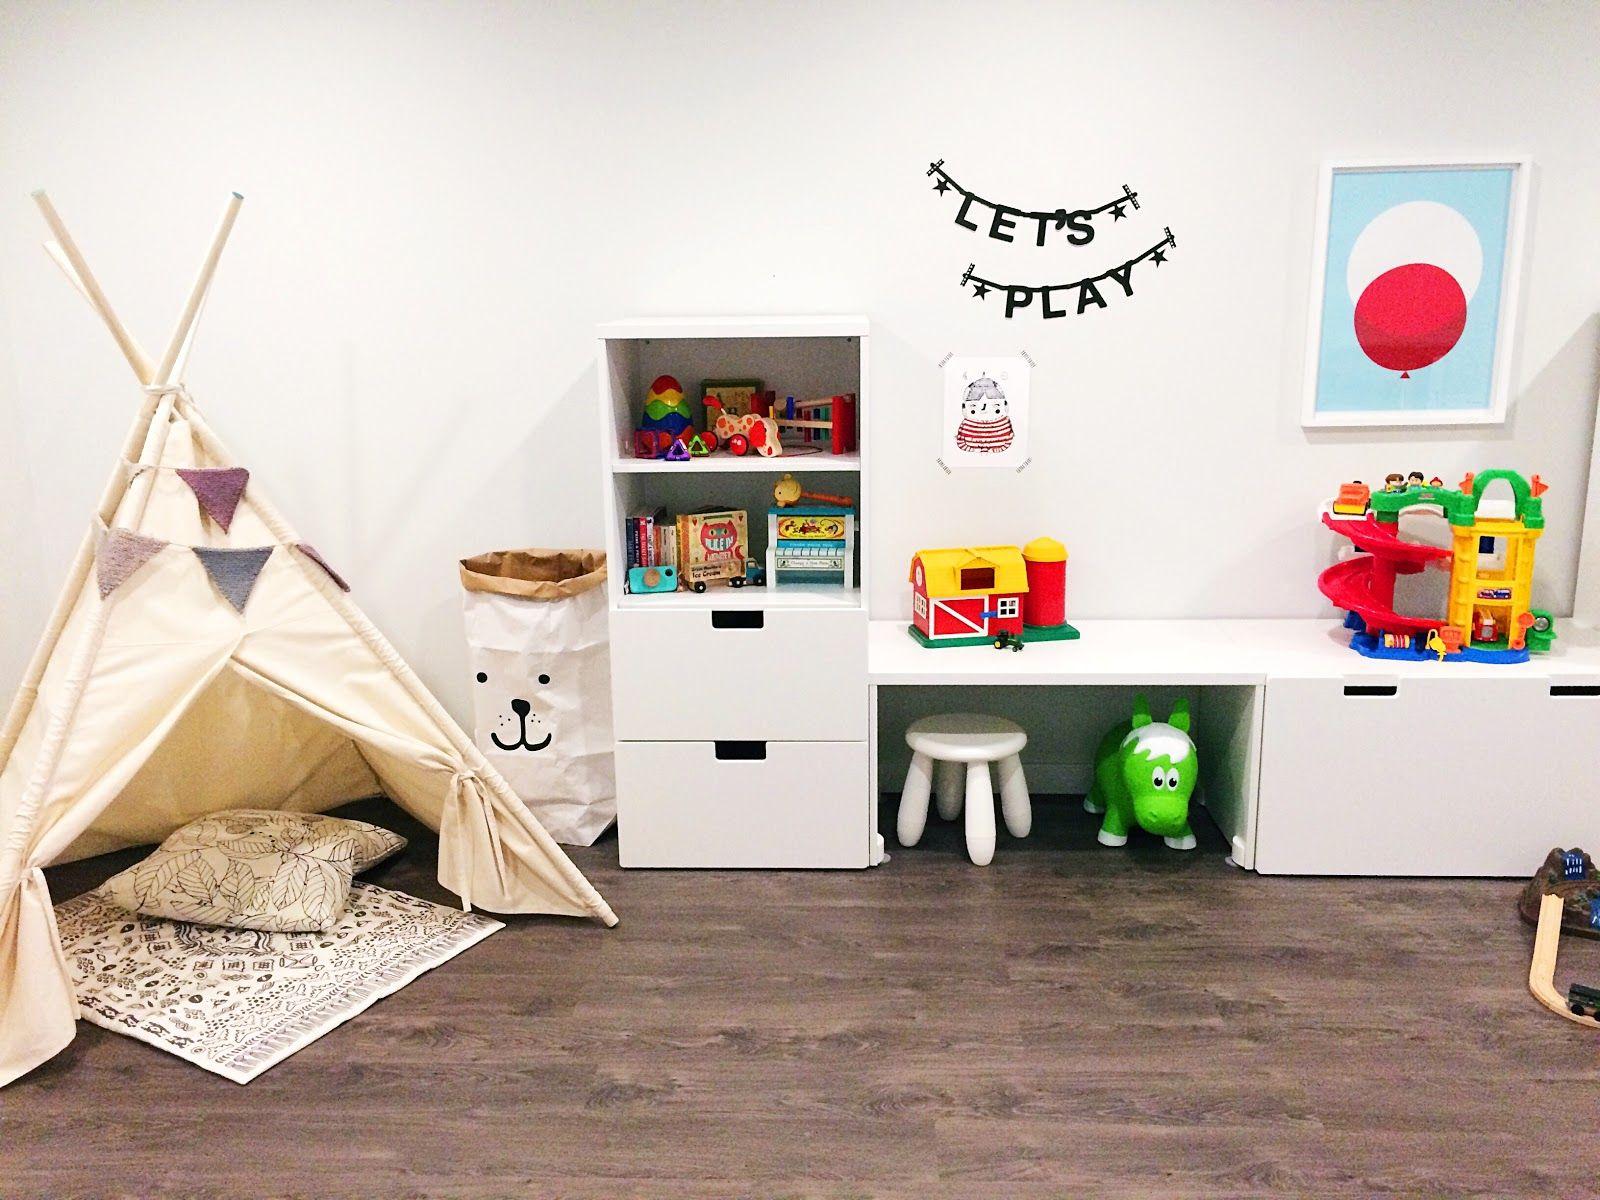 Playroom makeover with ikea stuva system kids 39 rooms pinterest playrooms kids rooms and room - Ikea playroom ideas ...